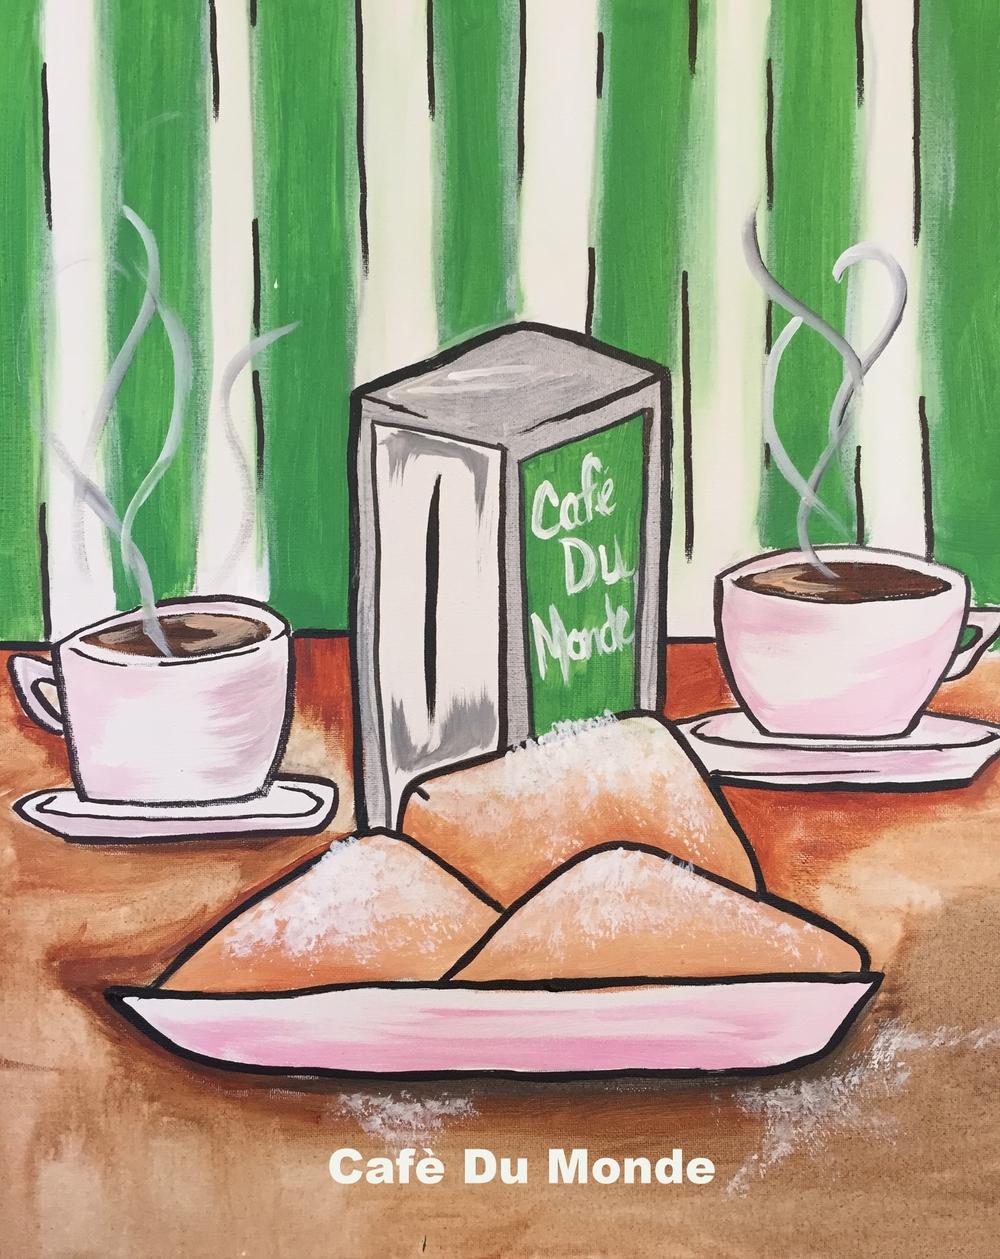 cafe du monde.JPG